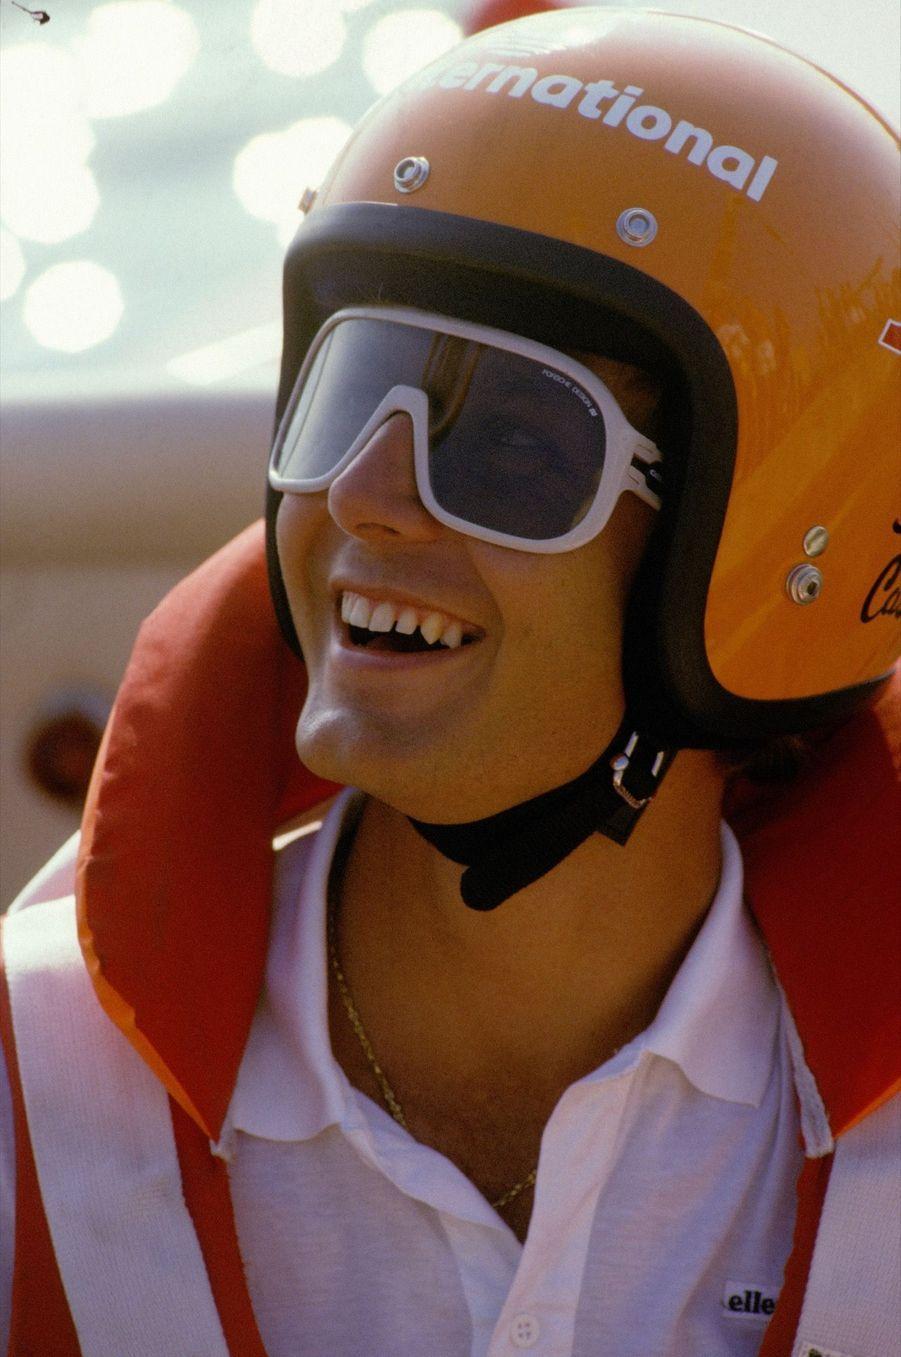 Stefano Casiraghi au Grand Prix offshore le 21 juillet 1985 a Viareggio, Italie.